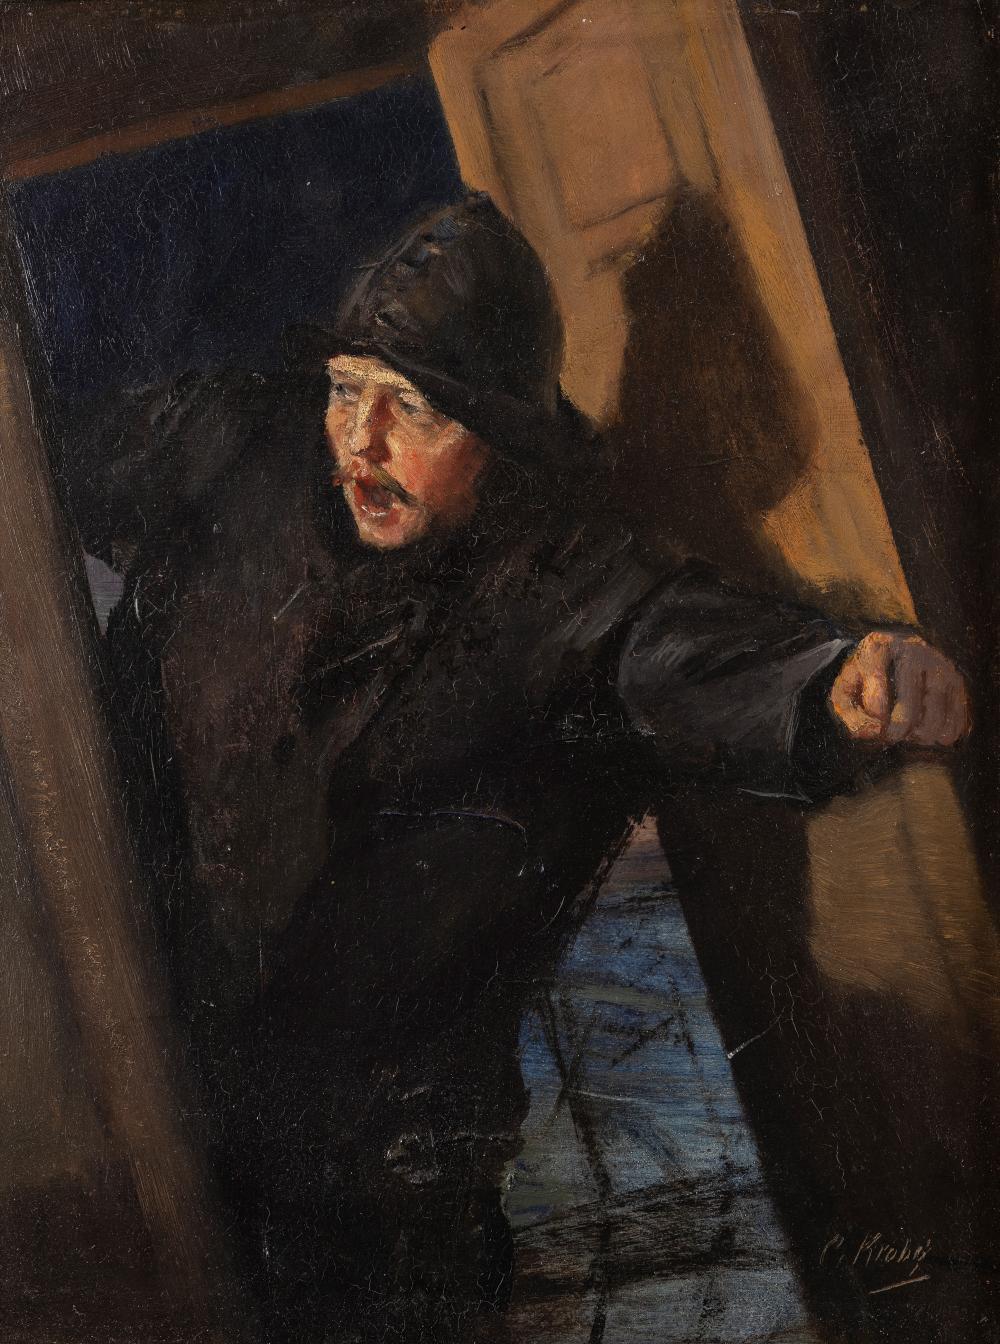 Christian Krohg (1852-1925), The Pilot